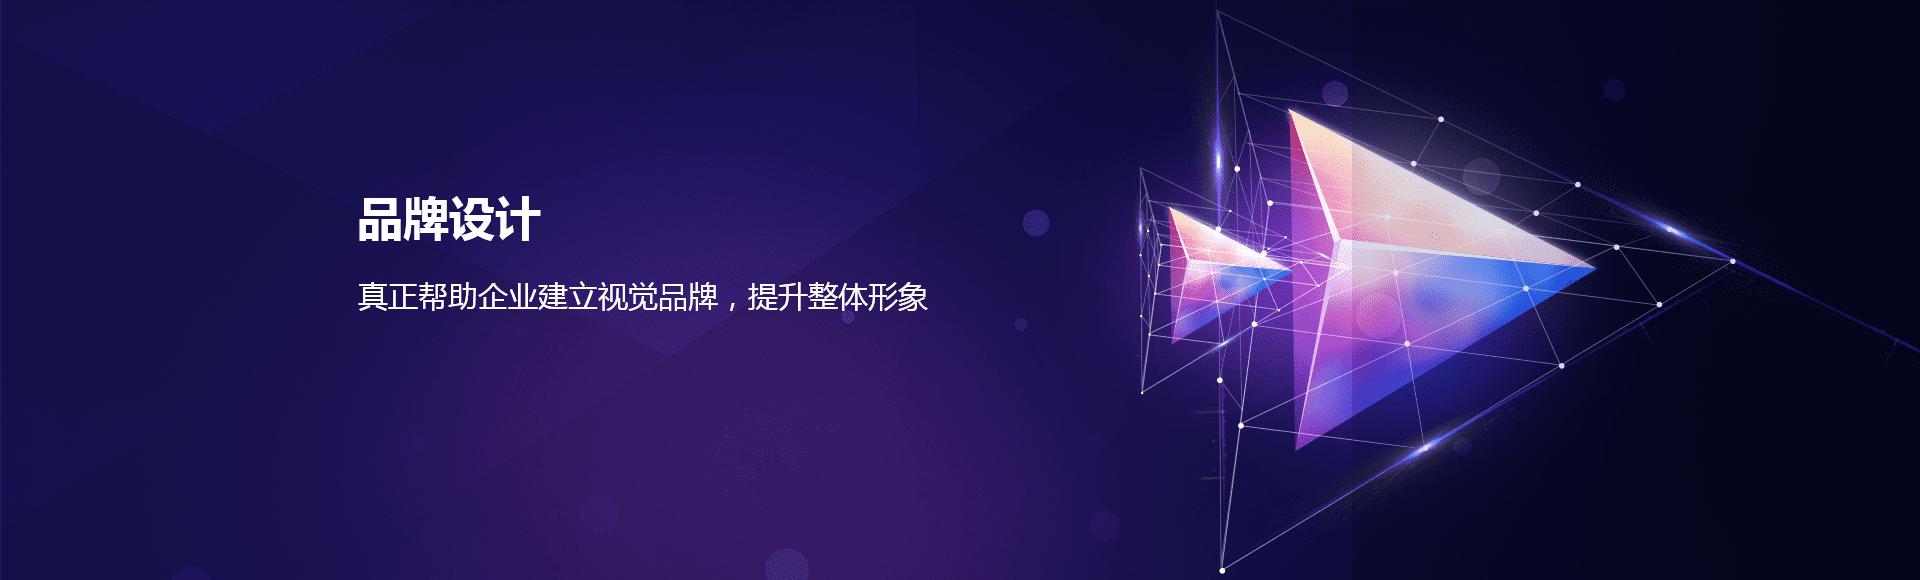 品牌设计_广东圆心企业服务平台